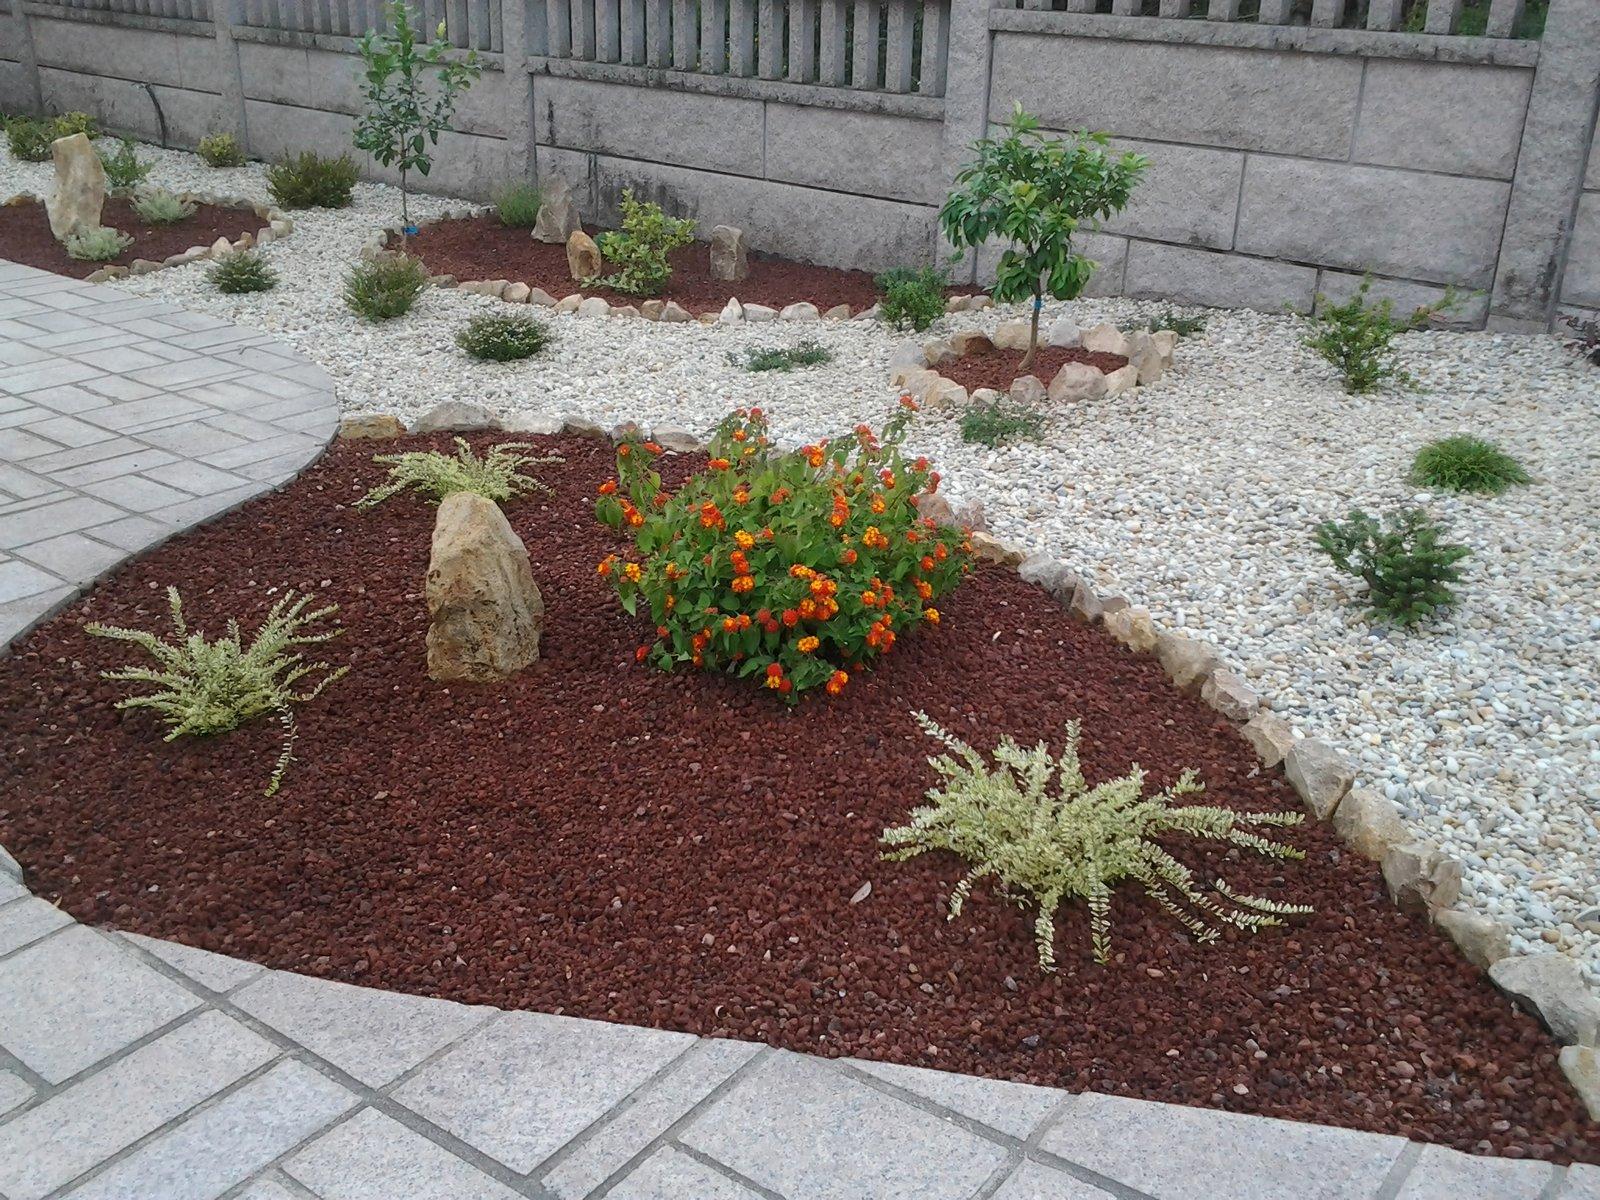 Xardineria magnolio jardines de bajo mantenimiento for Mantenimiento de jardines